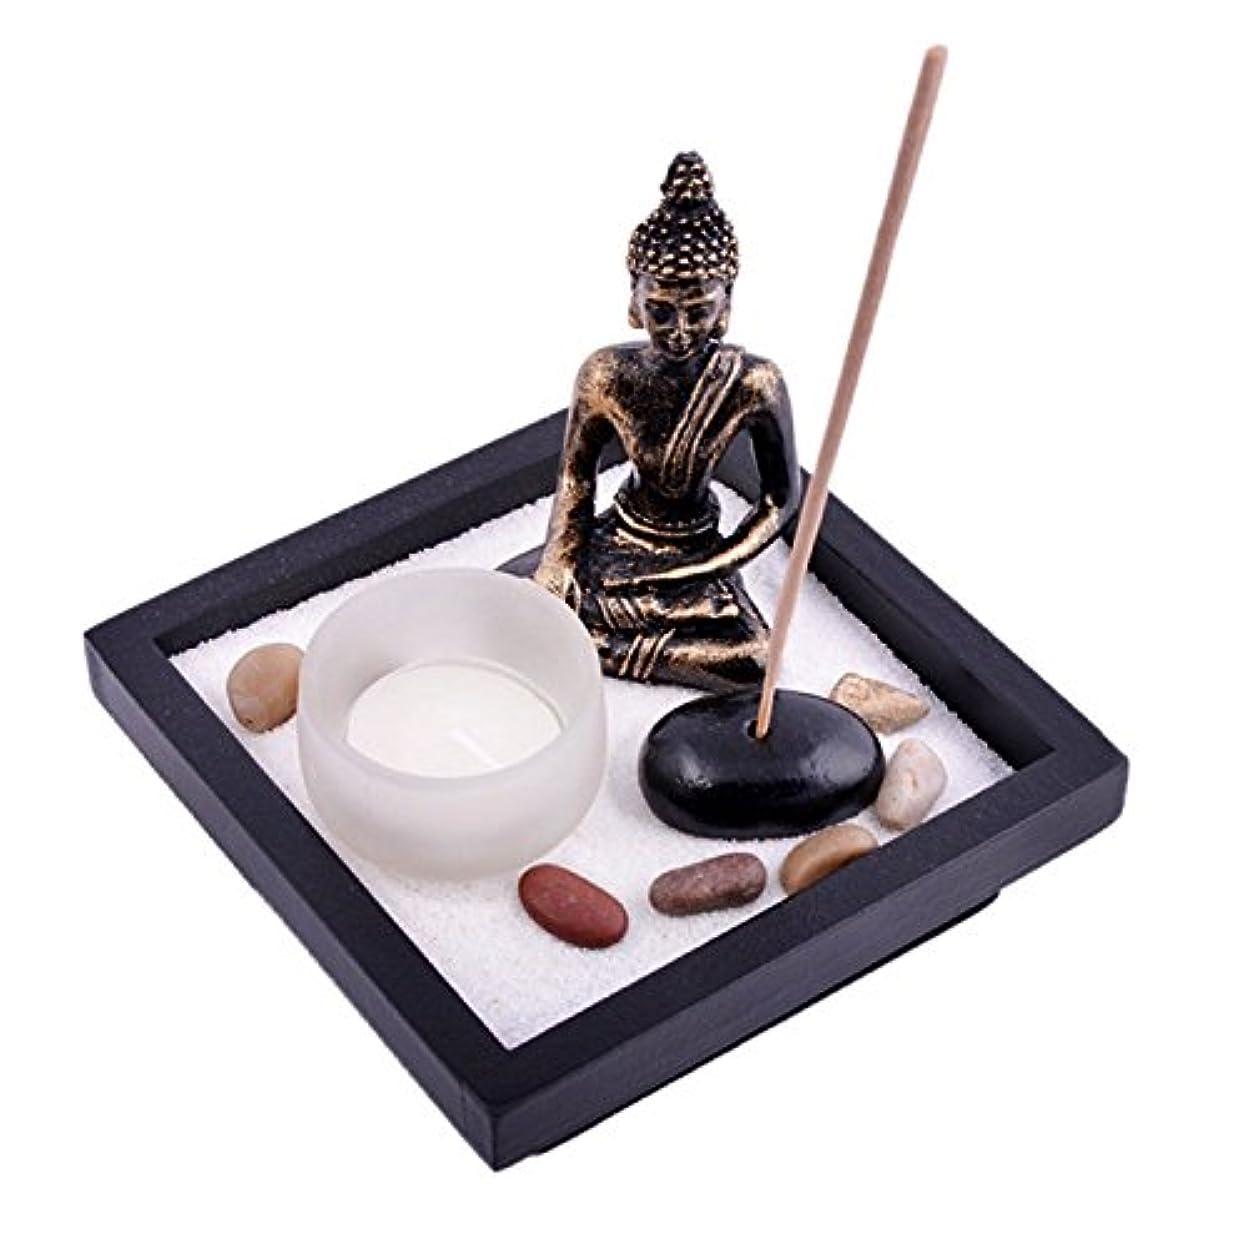 危険なスムーズに重大Thy Collectibles Asian Japanese Feng Shui砂Zen Garden Buddha Tealight & Incense Holder yd50